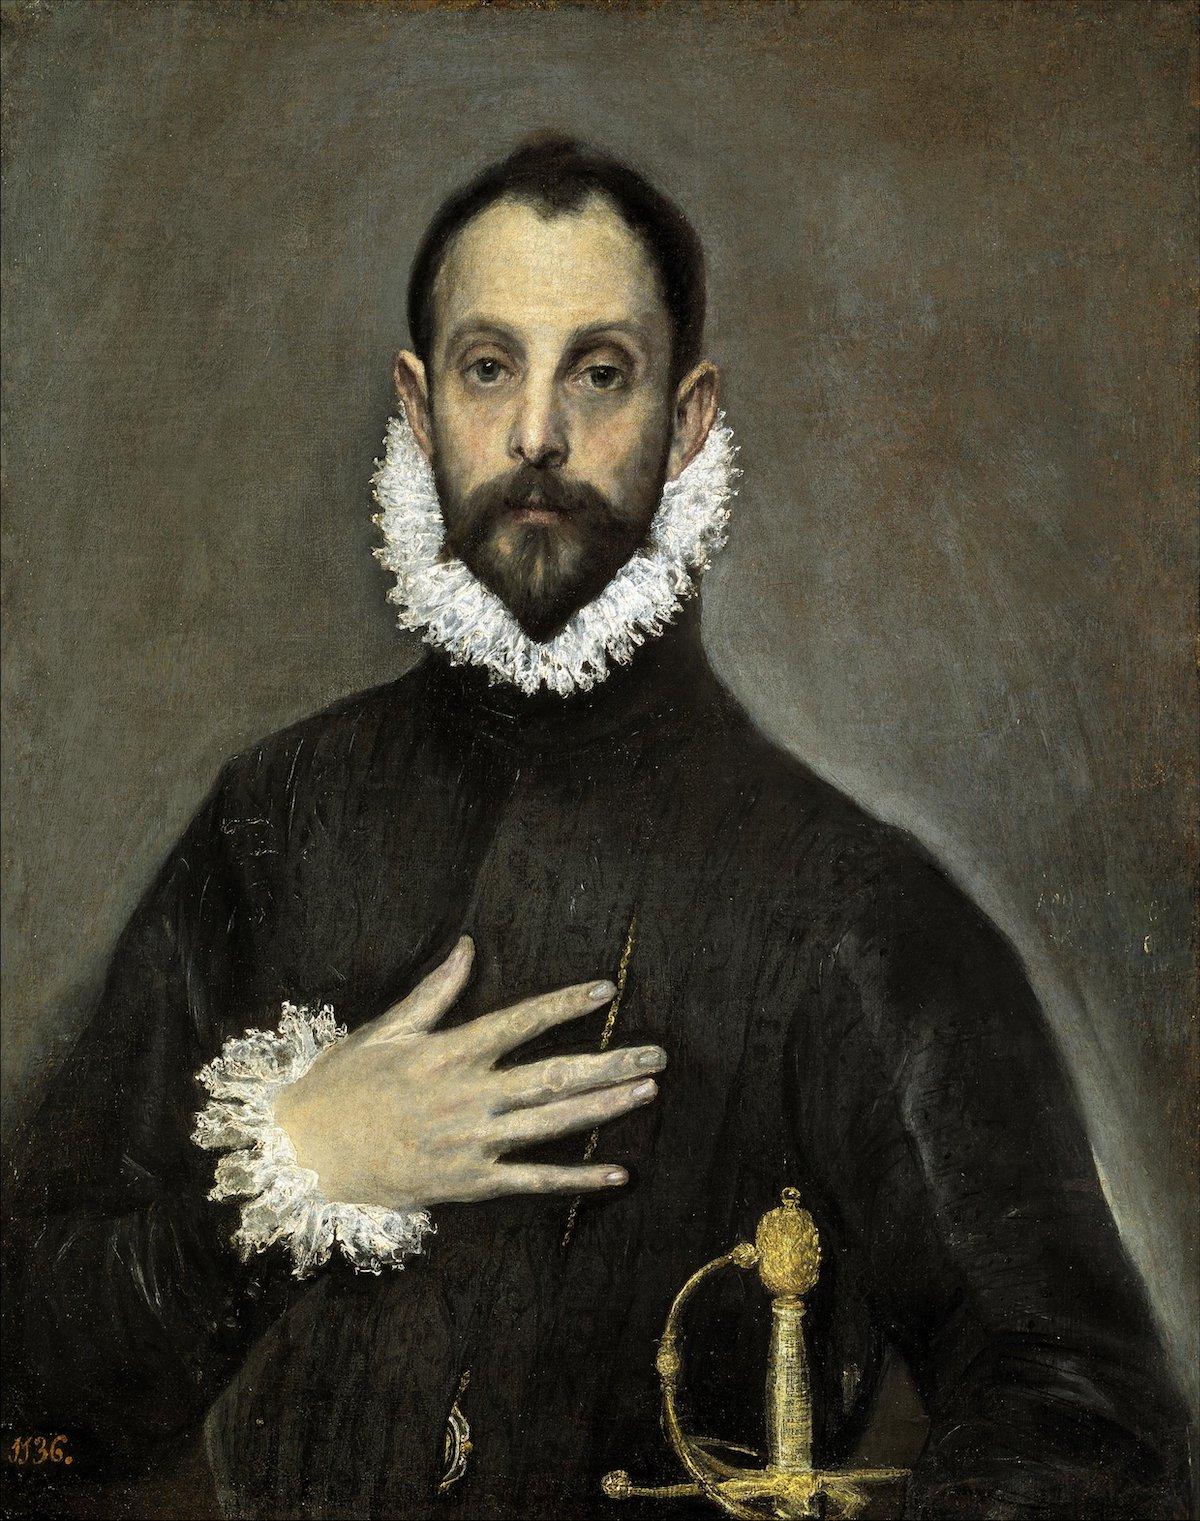 Óleo sobre lienzo Retrato de El Greco de un noble del siglo XVI con la mano en el pecho.